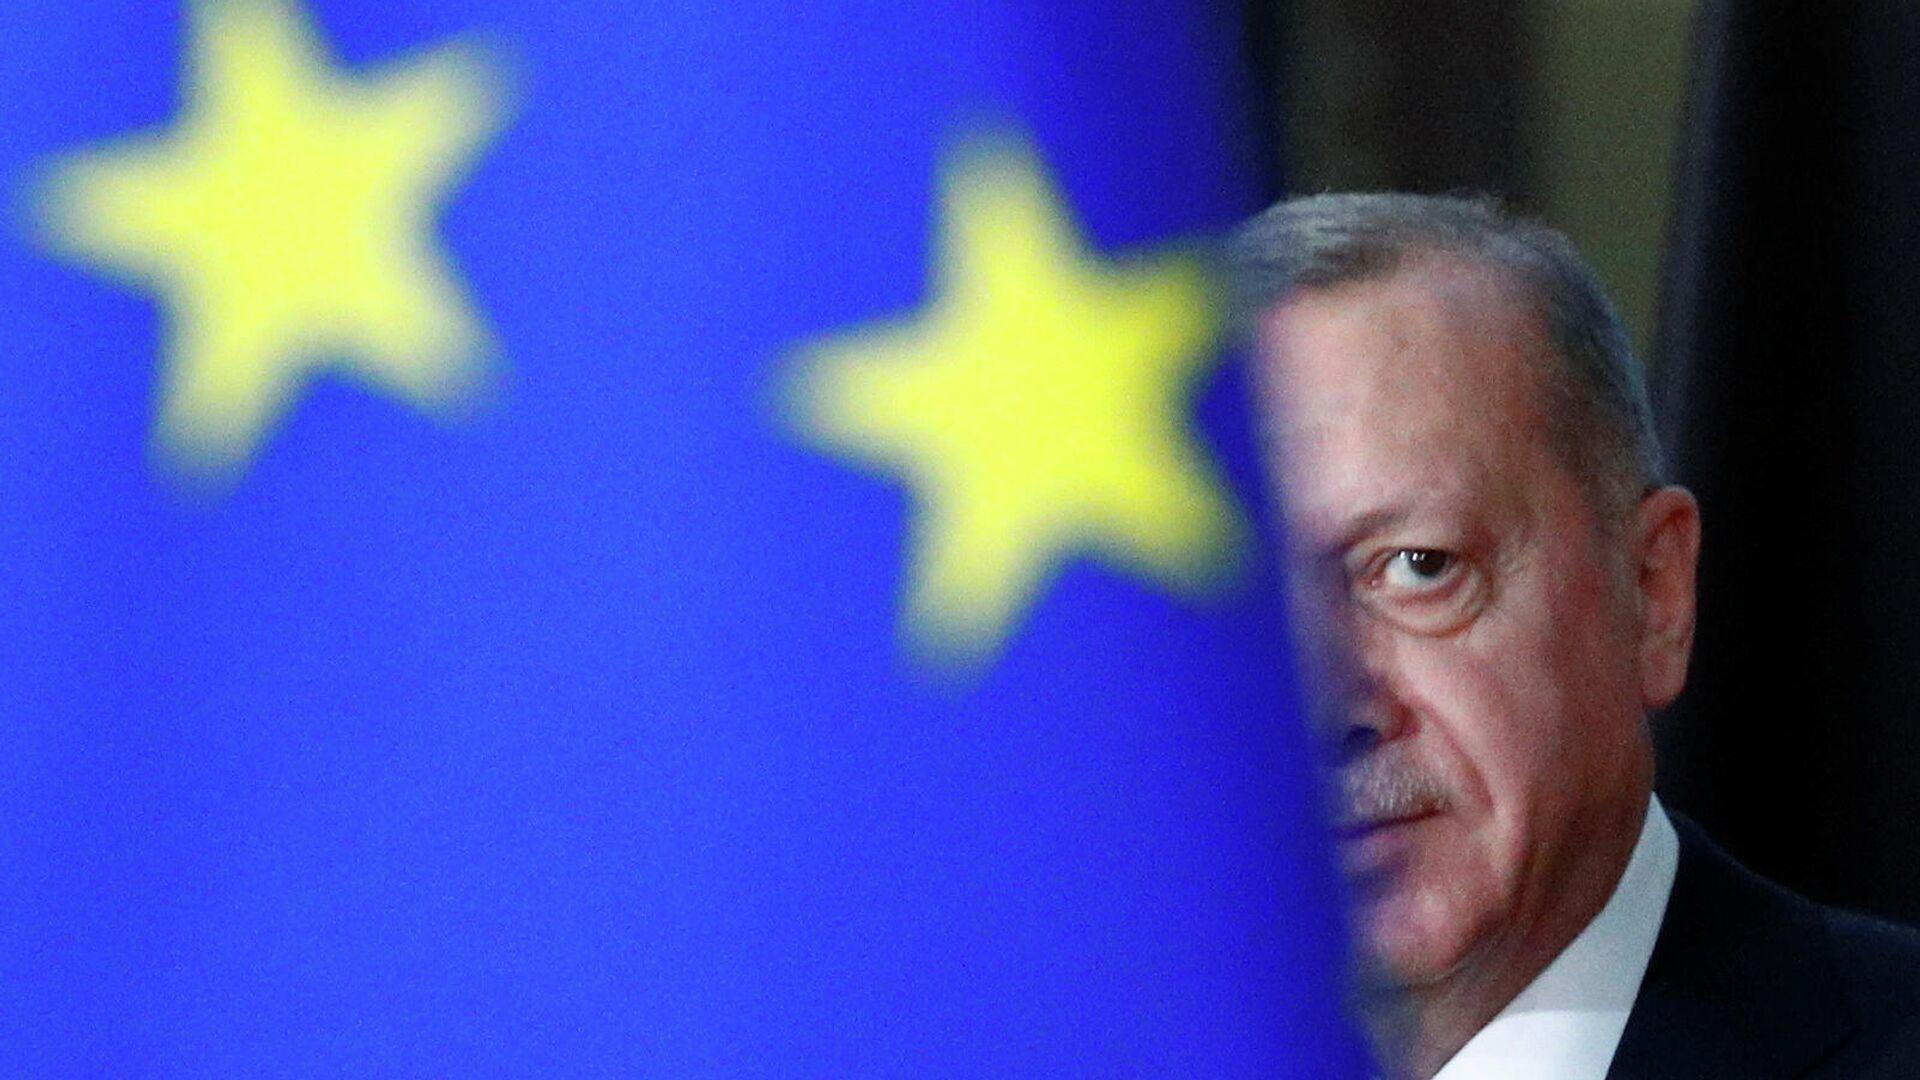 Президент Турции Реджеп Тайип Эрдоган в Брюсселе  - РИА Новости, 1920, 10.01.2021